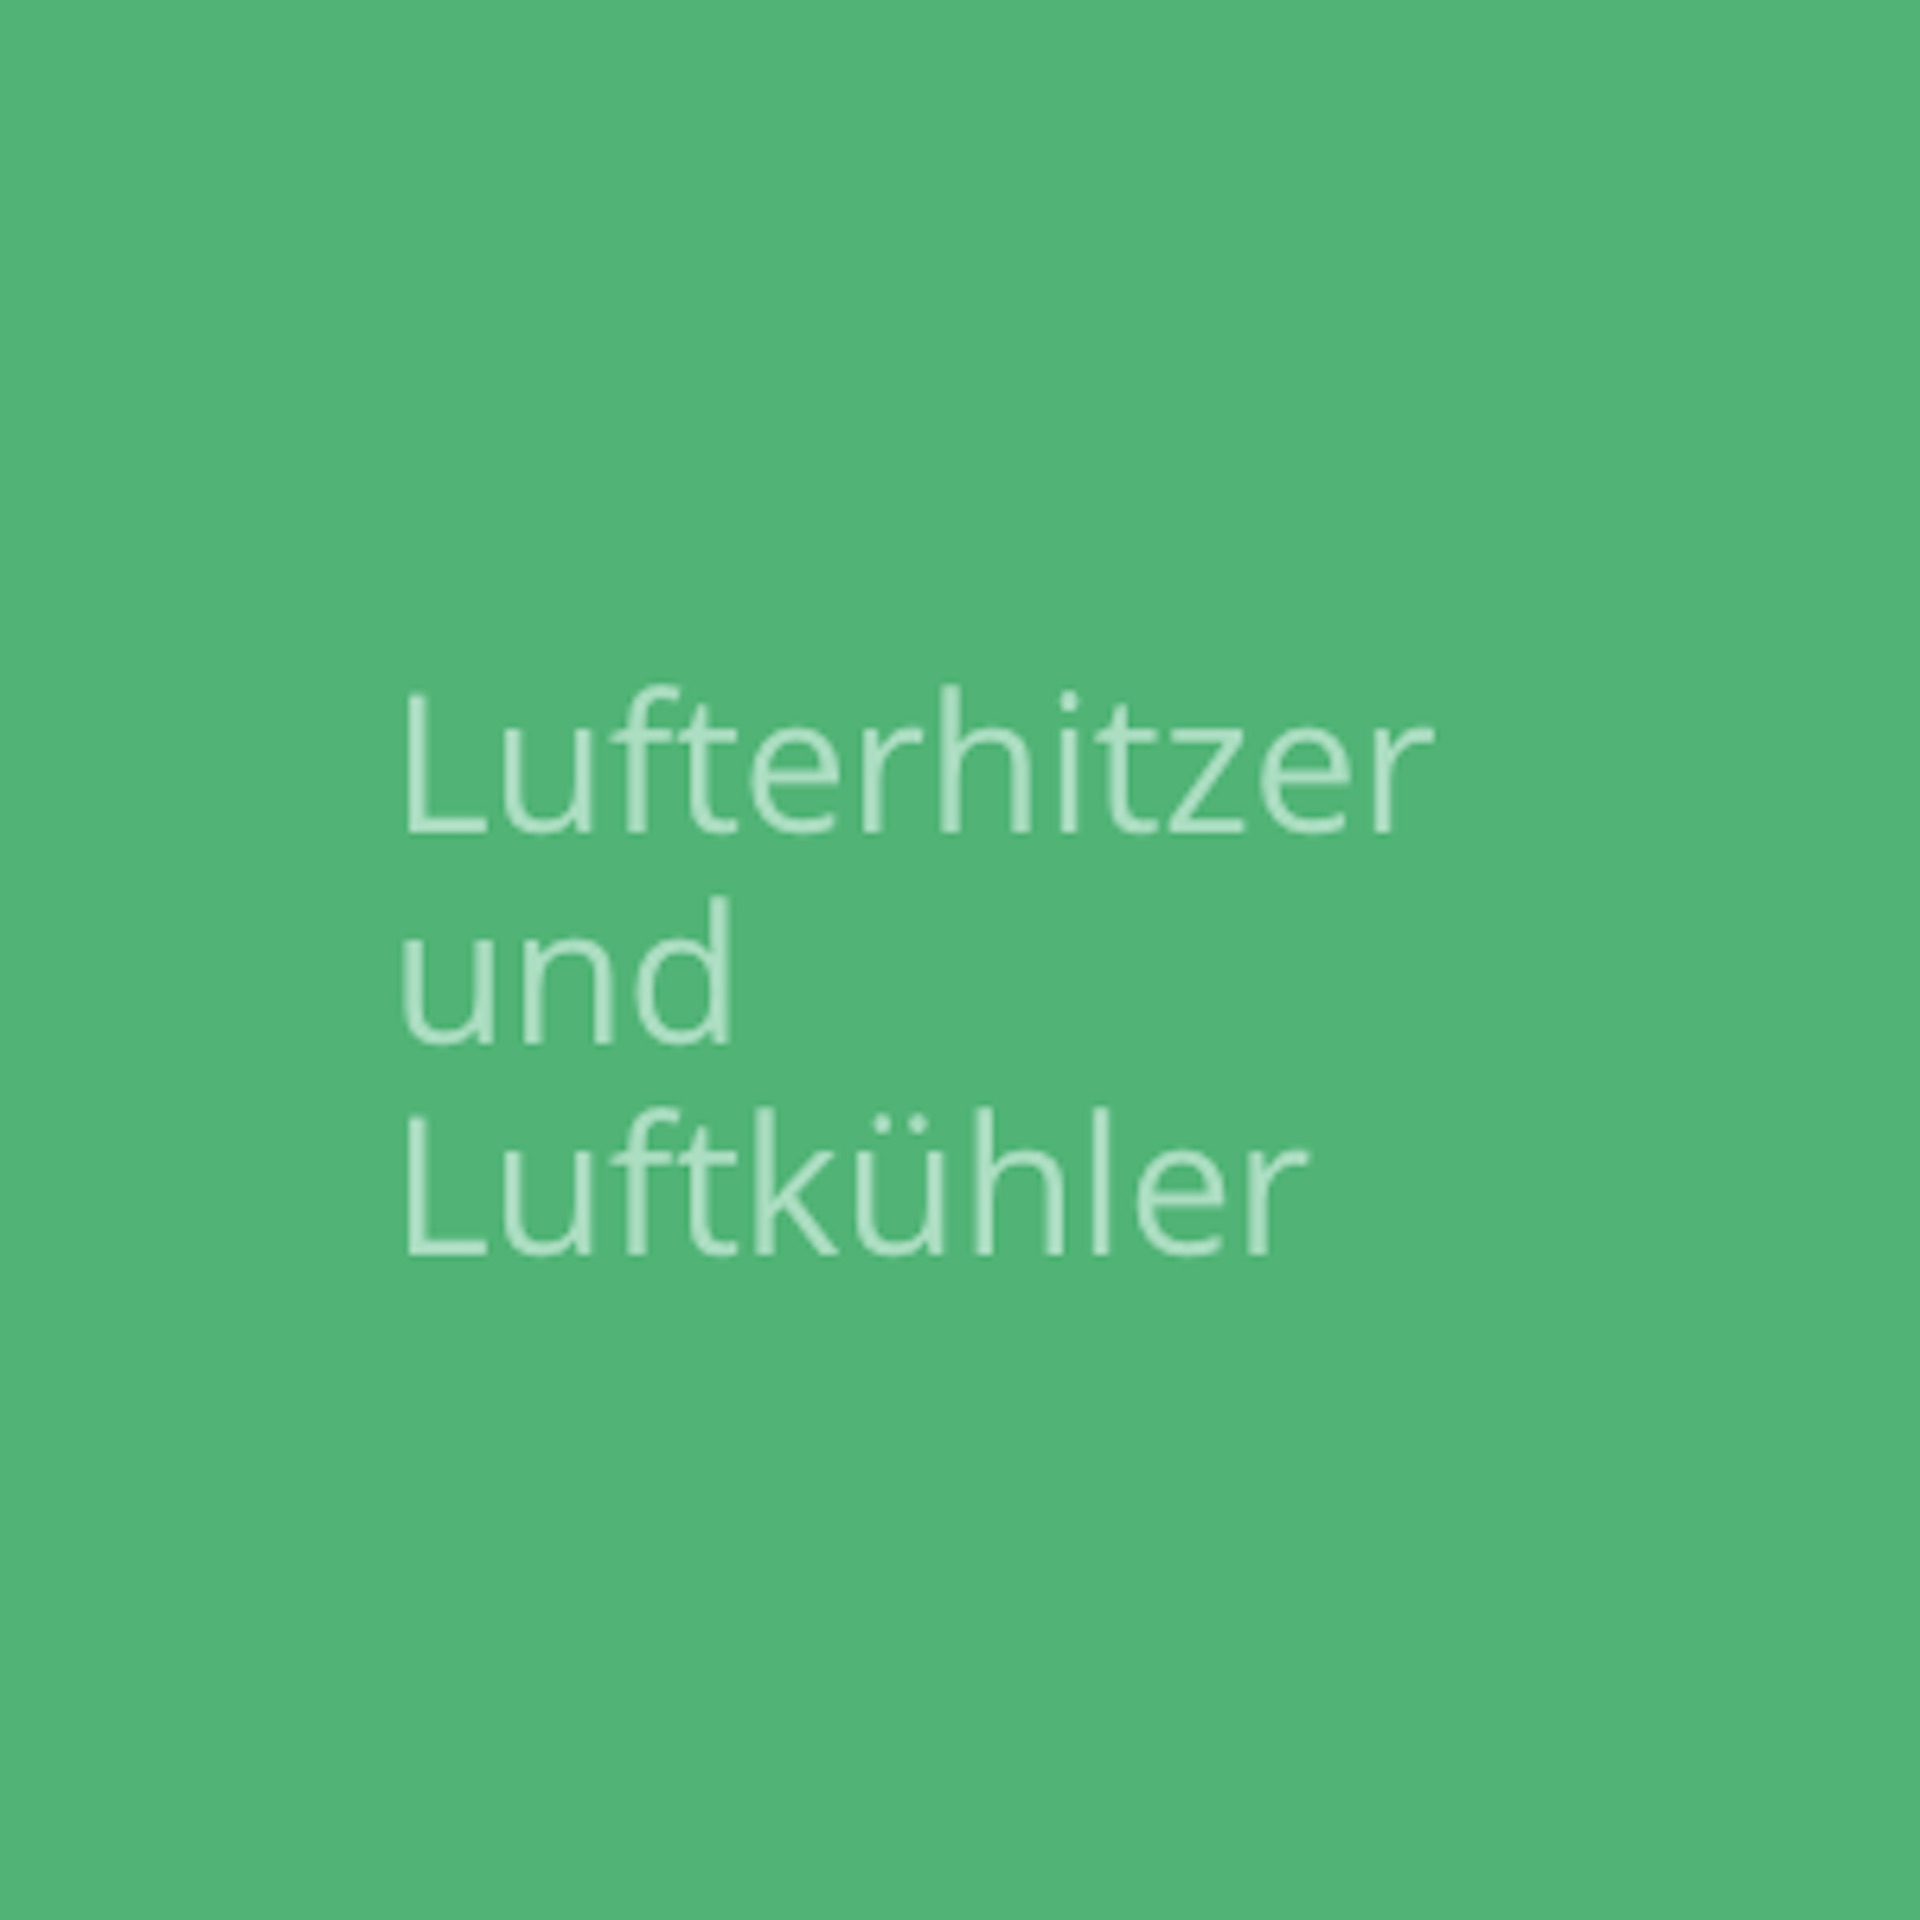 GWA_Lufterhitzer_und_Luftkuehler_Gesellschaft_fuer_Waerme_und_Anlagentechnik